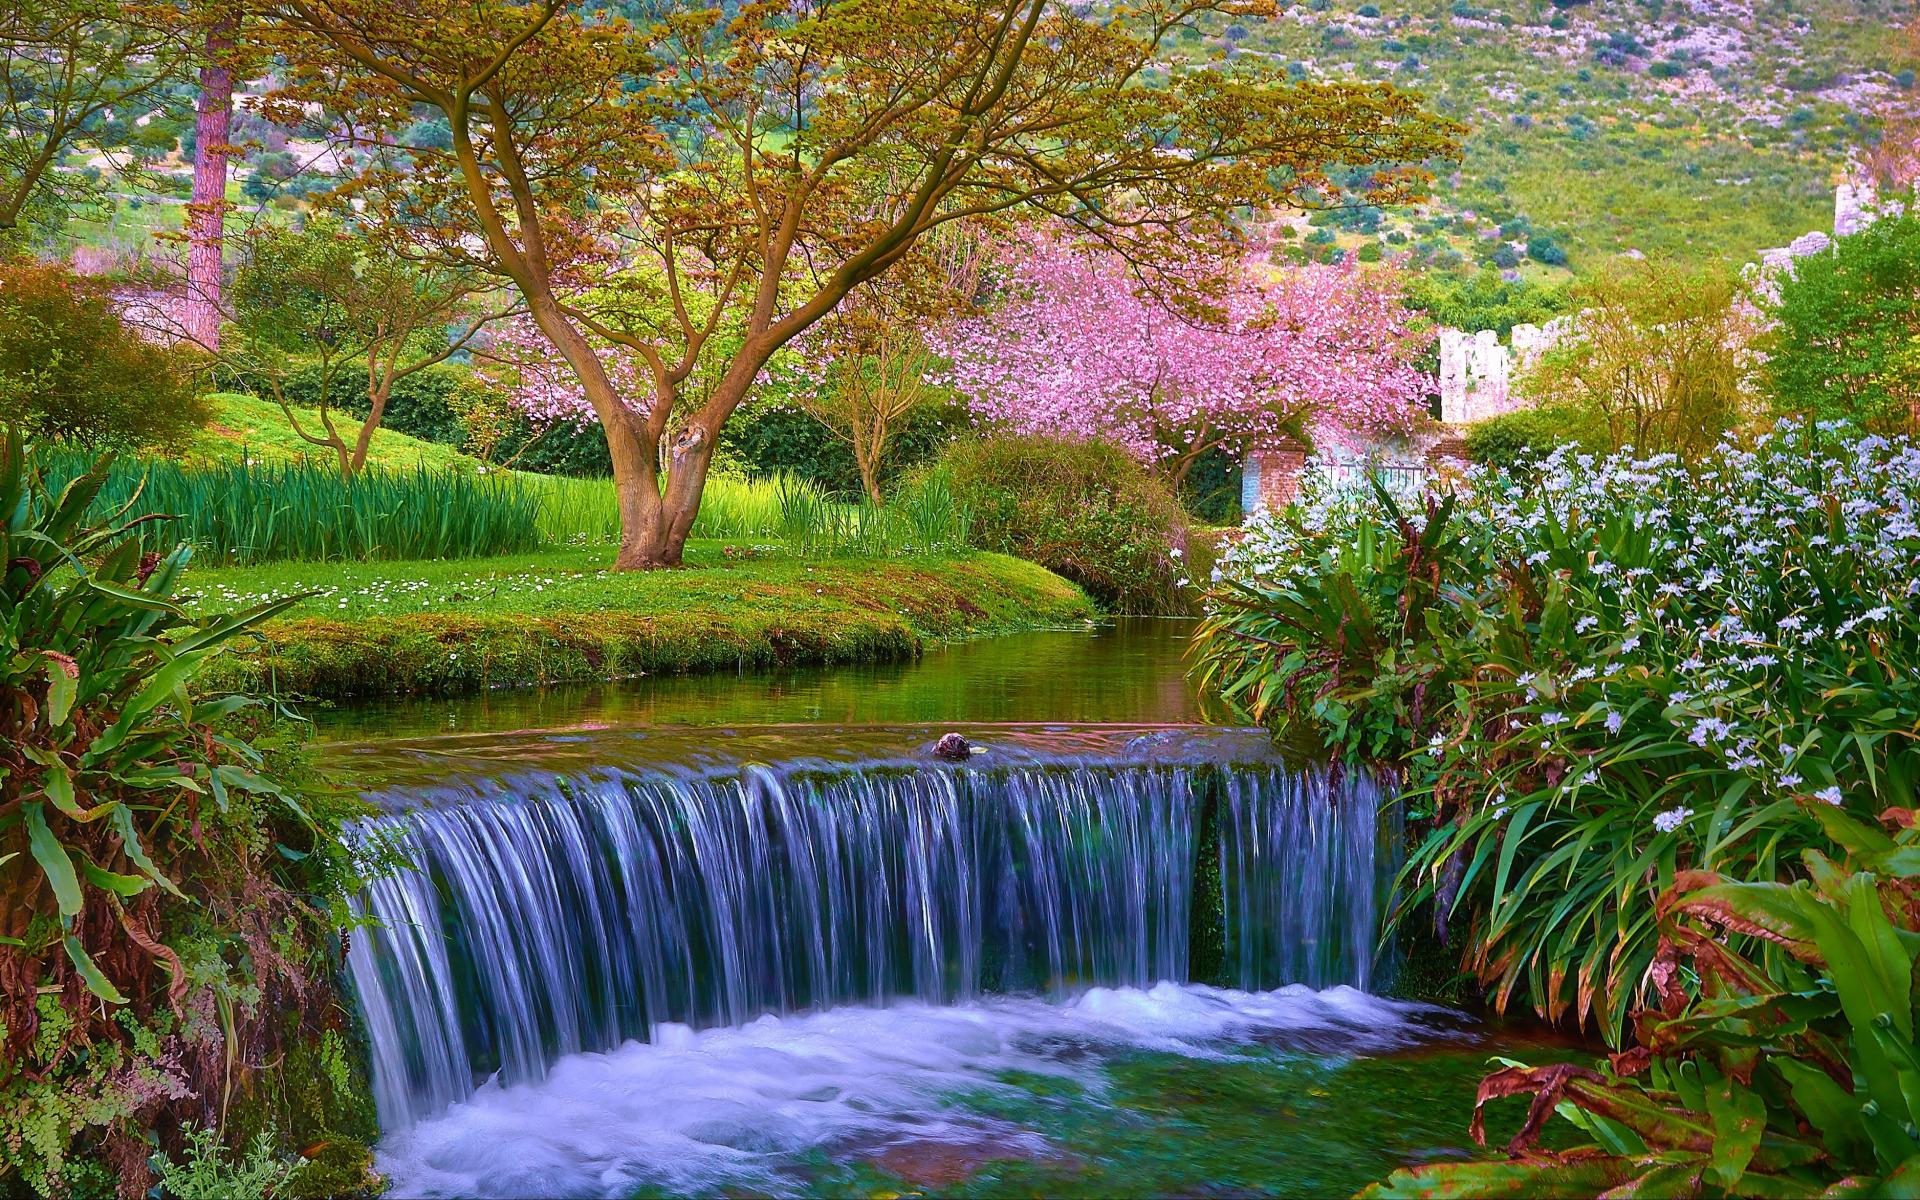 картинка дерево с водопадом купался родительской любви